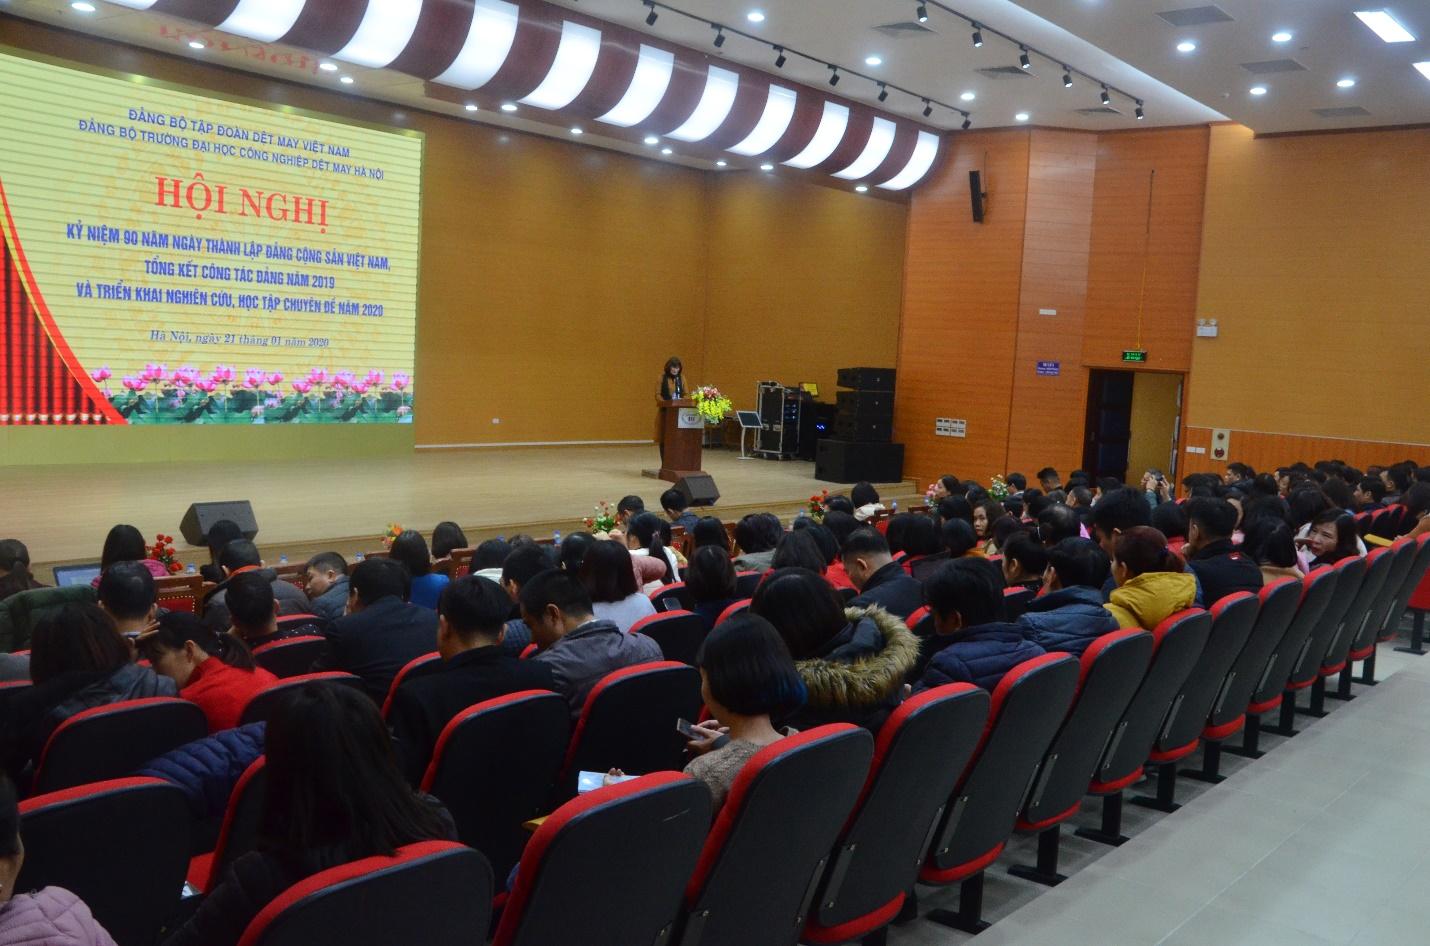 Lễ kỷ niệm 90 năm thành lập Đảng Cộng sản Việt Nam và Hội nghị tổng kết công tác Đảng 2019 và triển khai nghiên cứu, học tập chuyên đề năm 2020